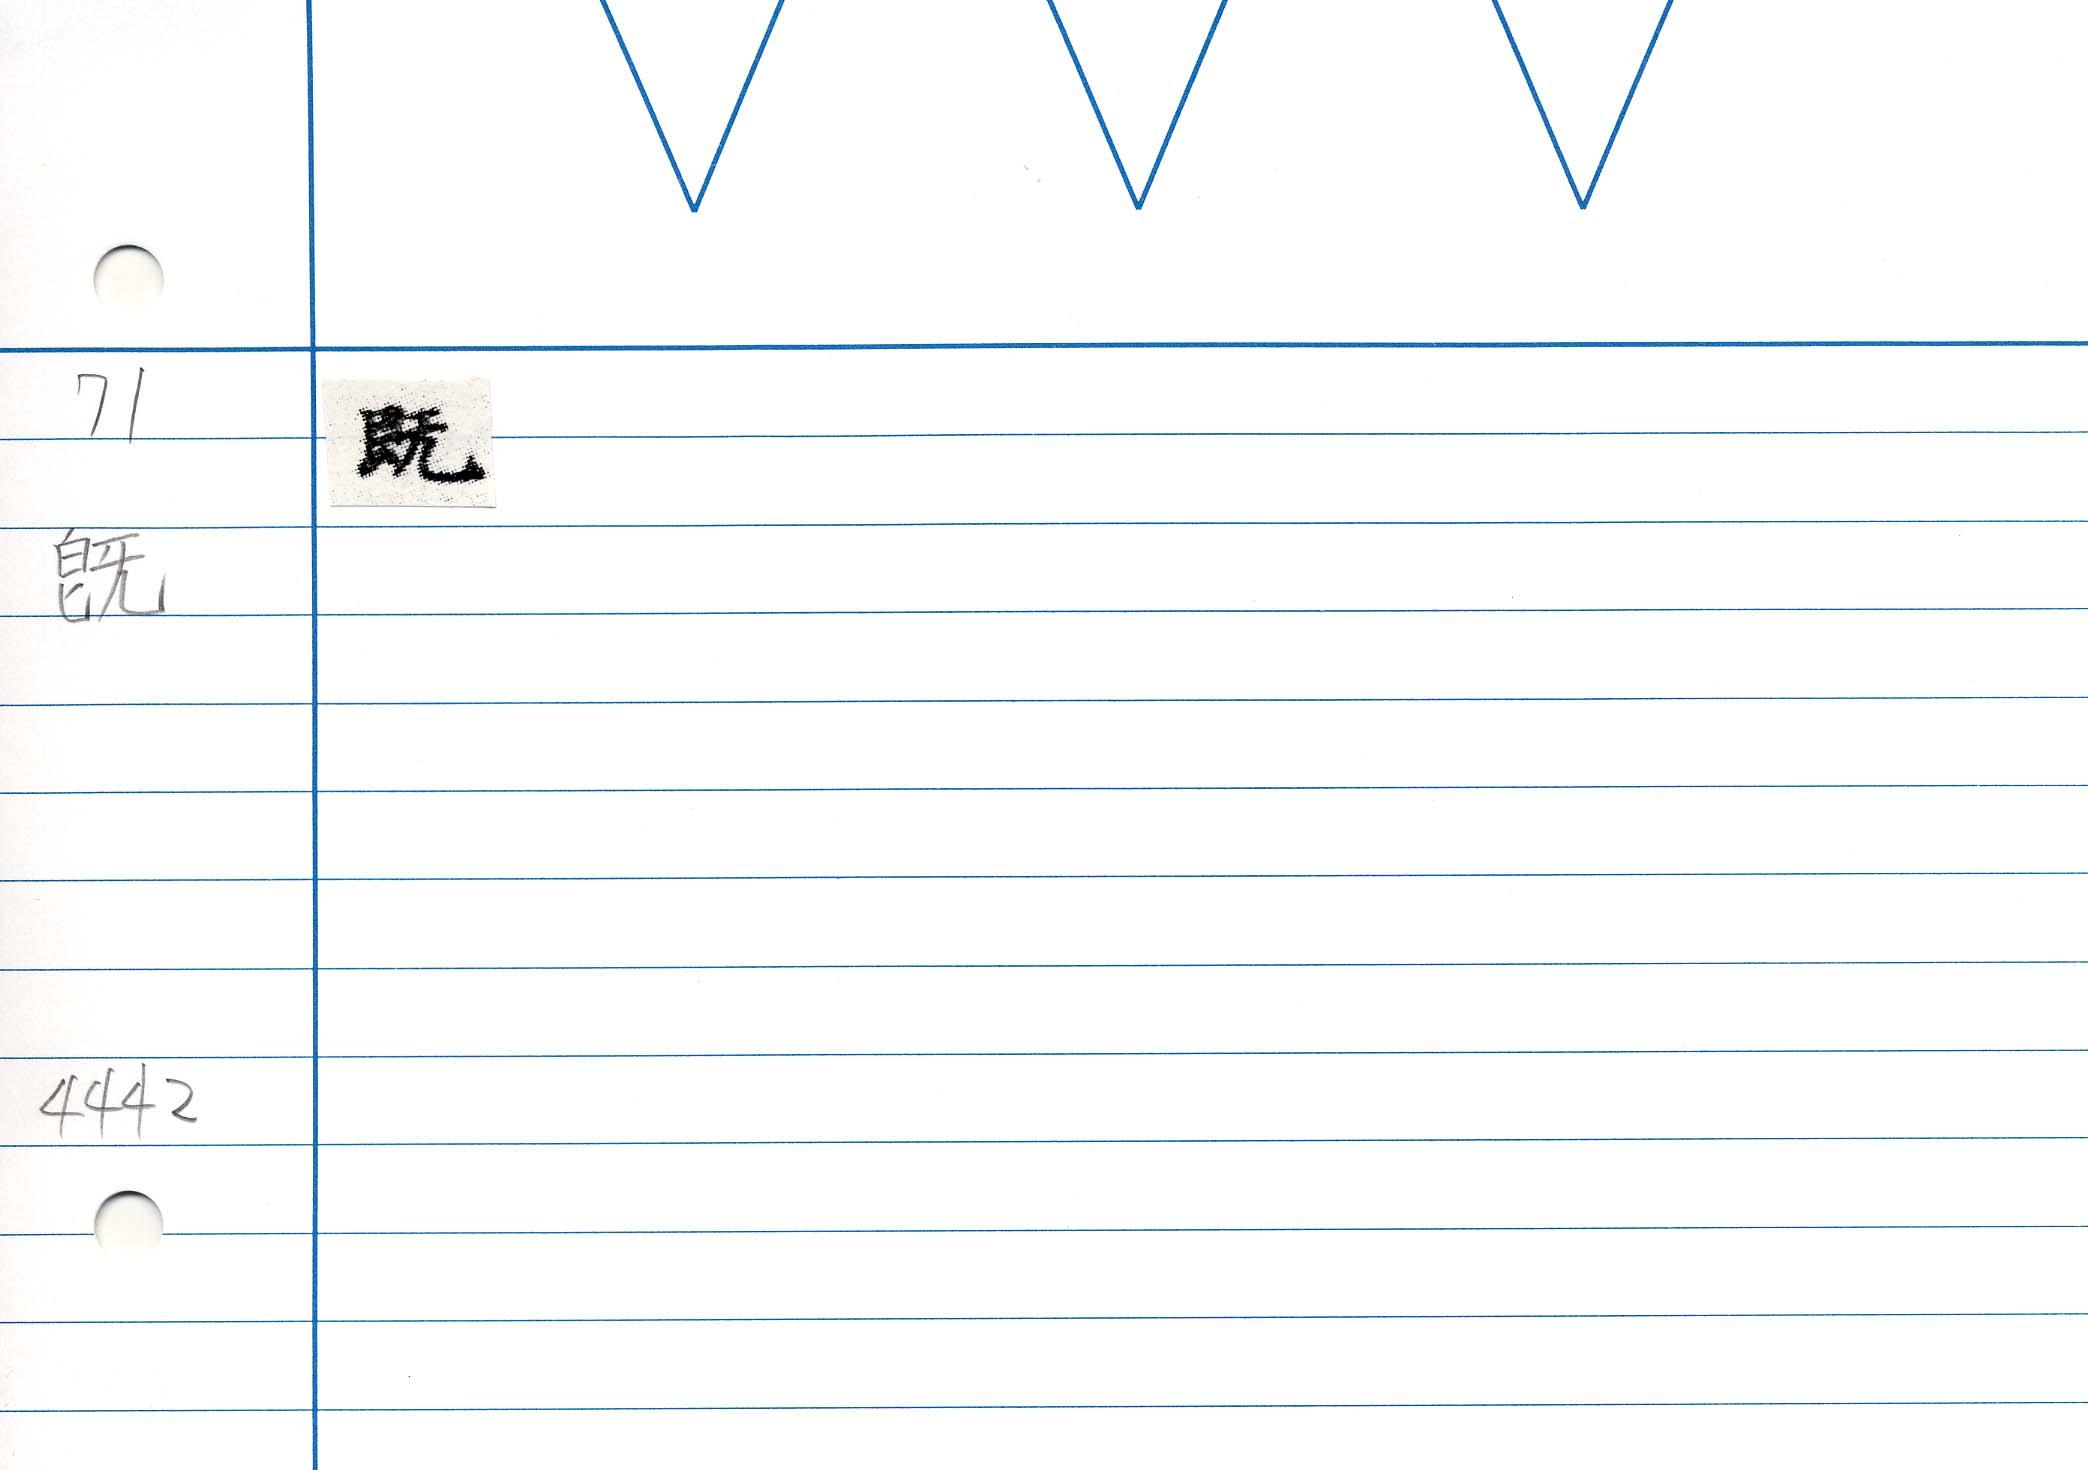 12_妙法蓮華經卷六(P.2195)/cards/0087.jpg